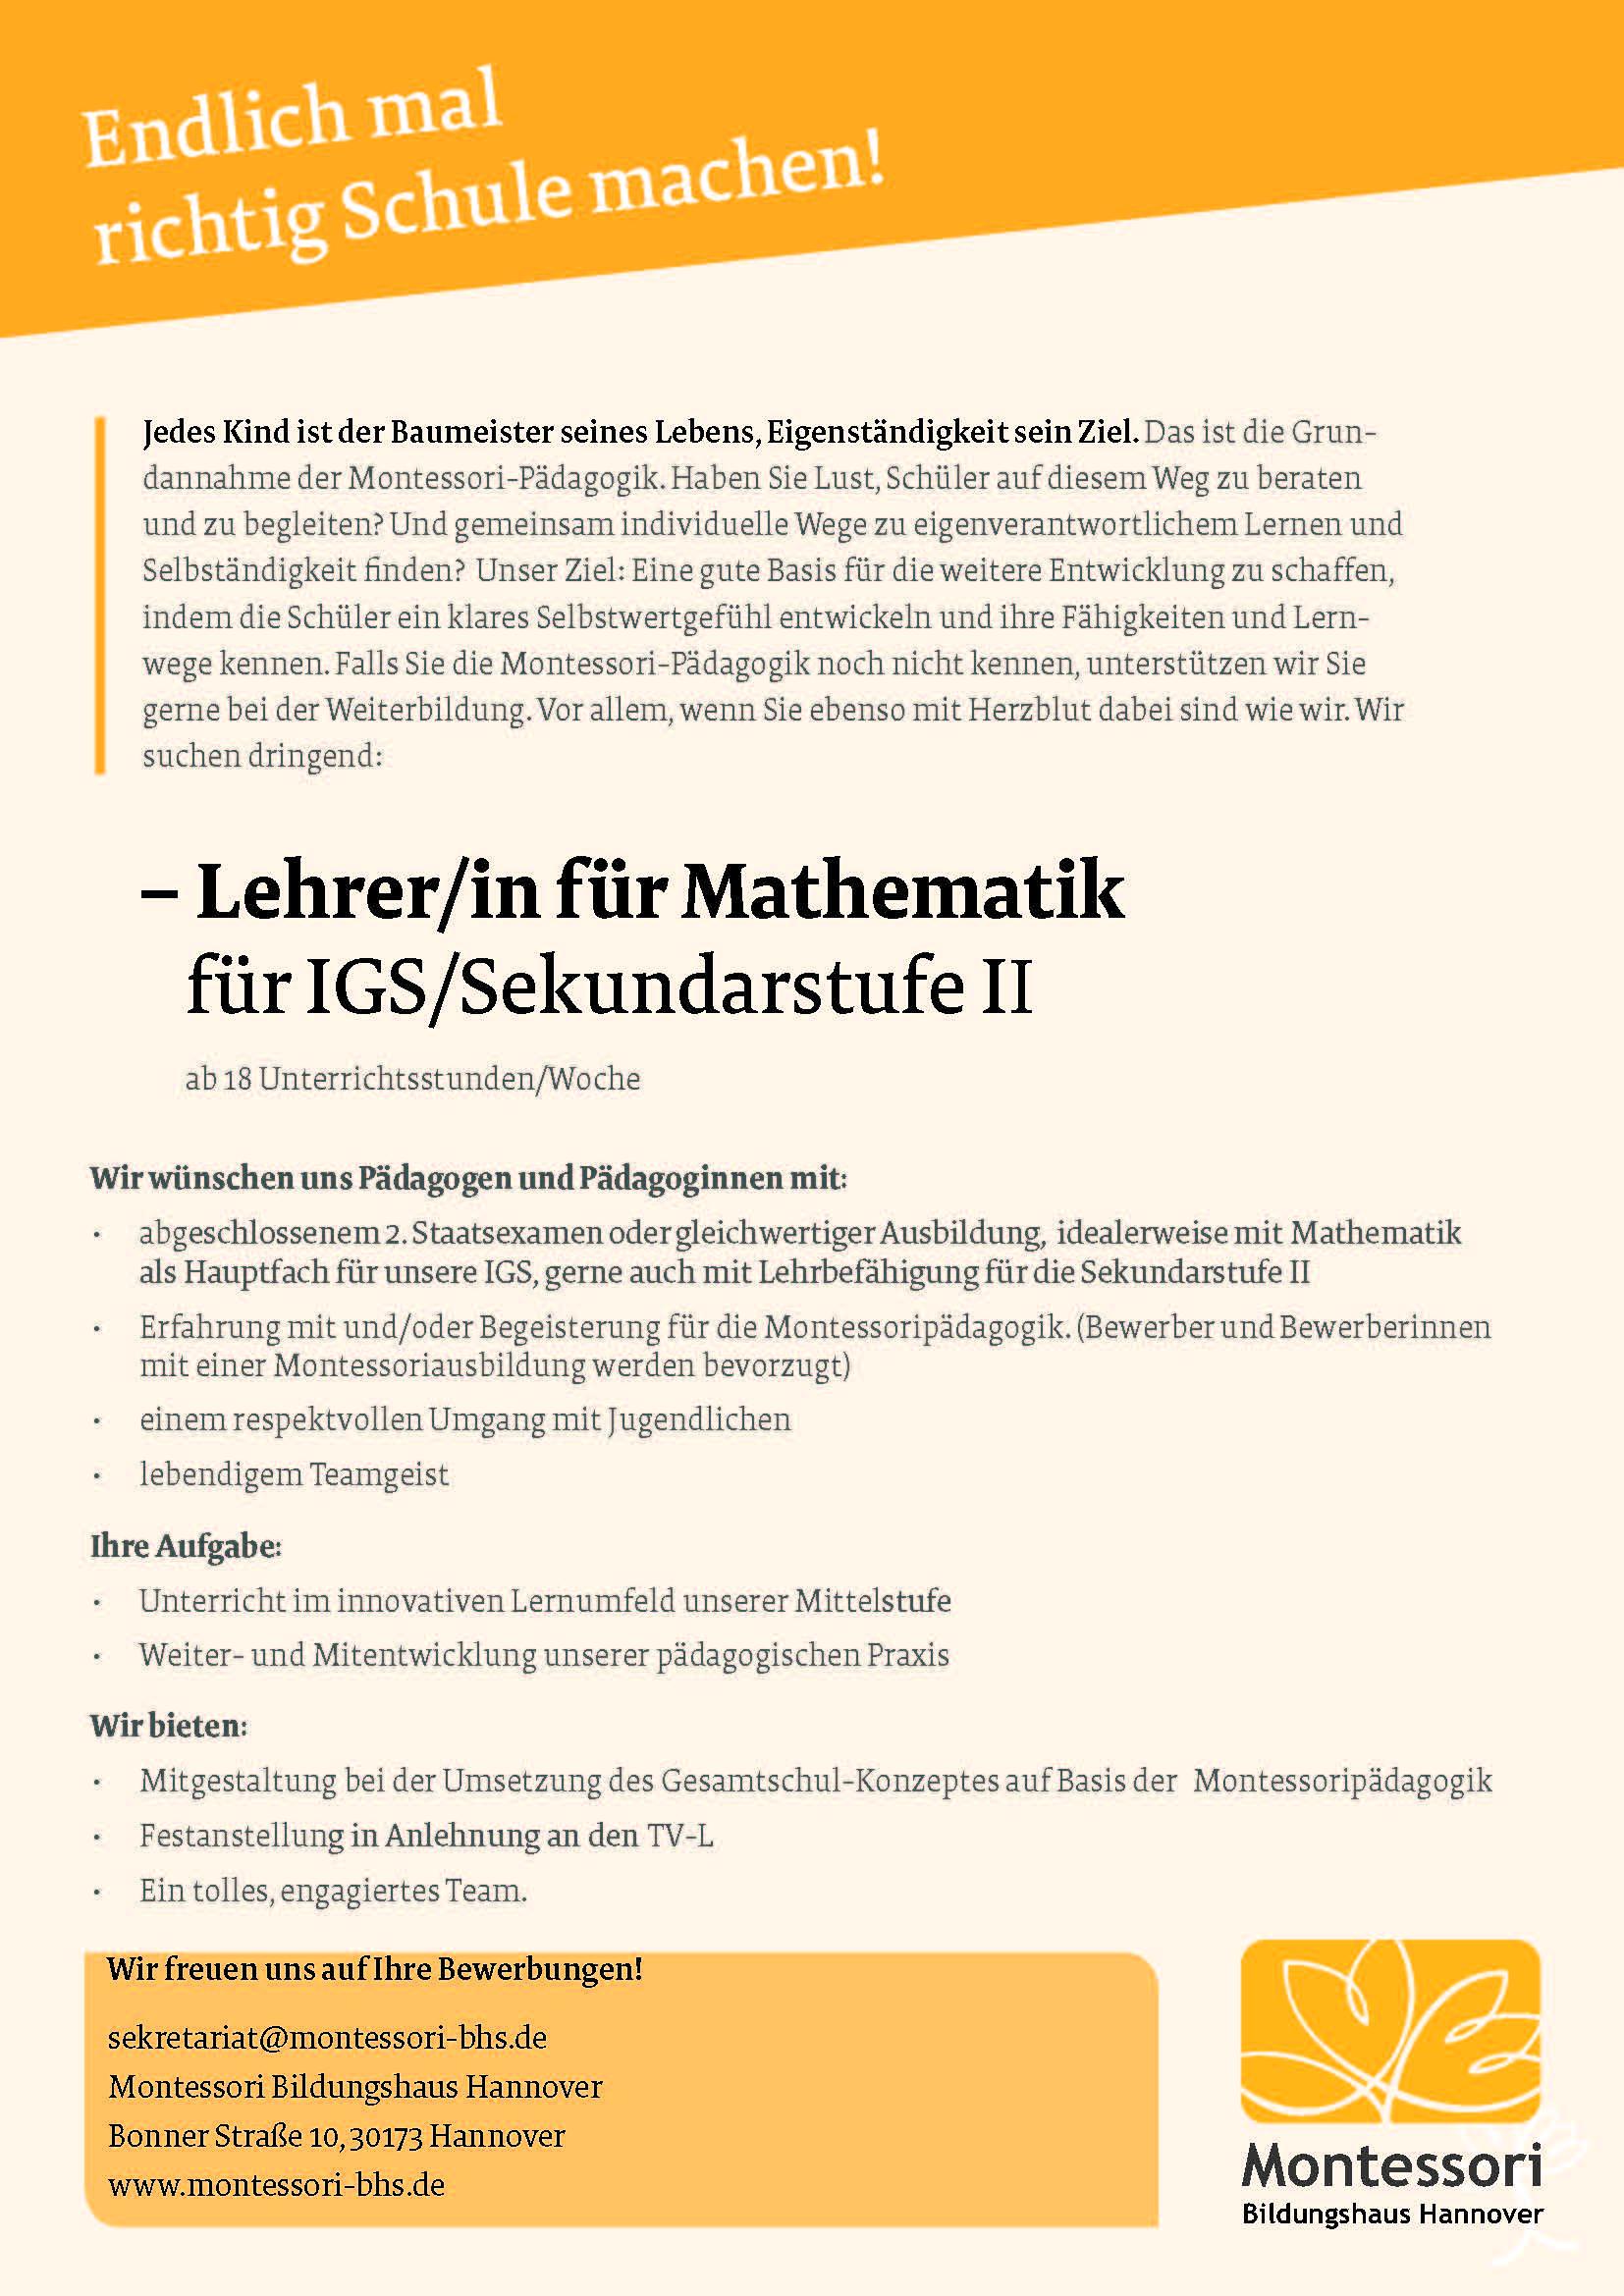 Stellensuche_Schule_GymOB_05_2017_Vorlage_Mathematik it26.01.2018